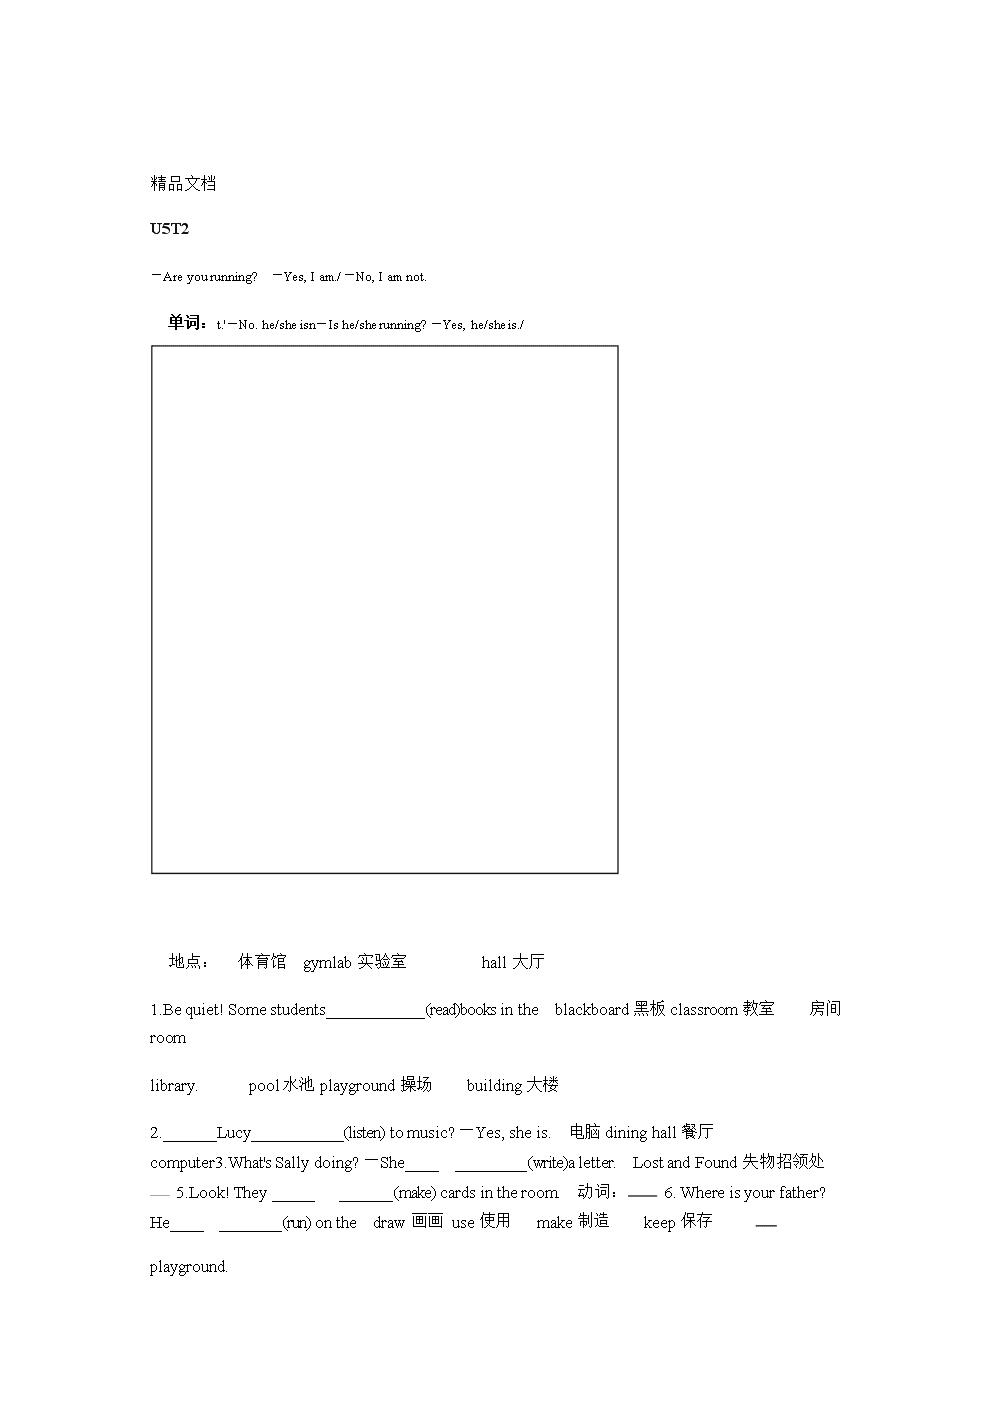 最新仁愛七下u5t2復習提綱.doc